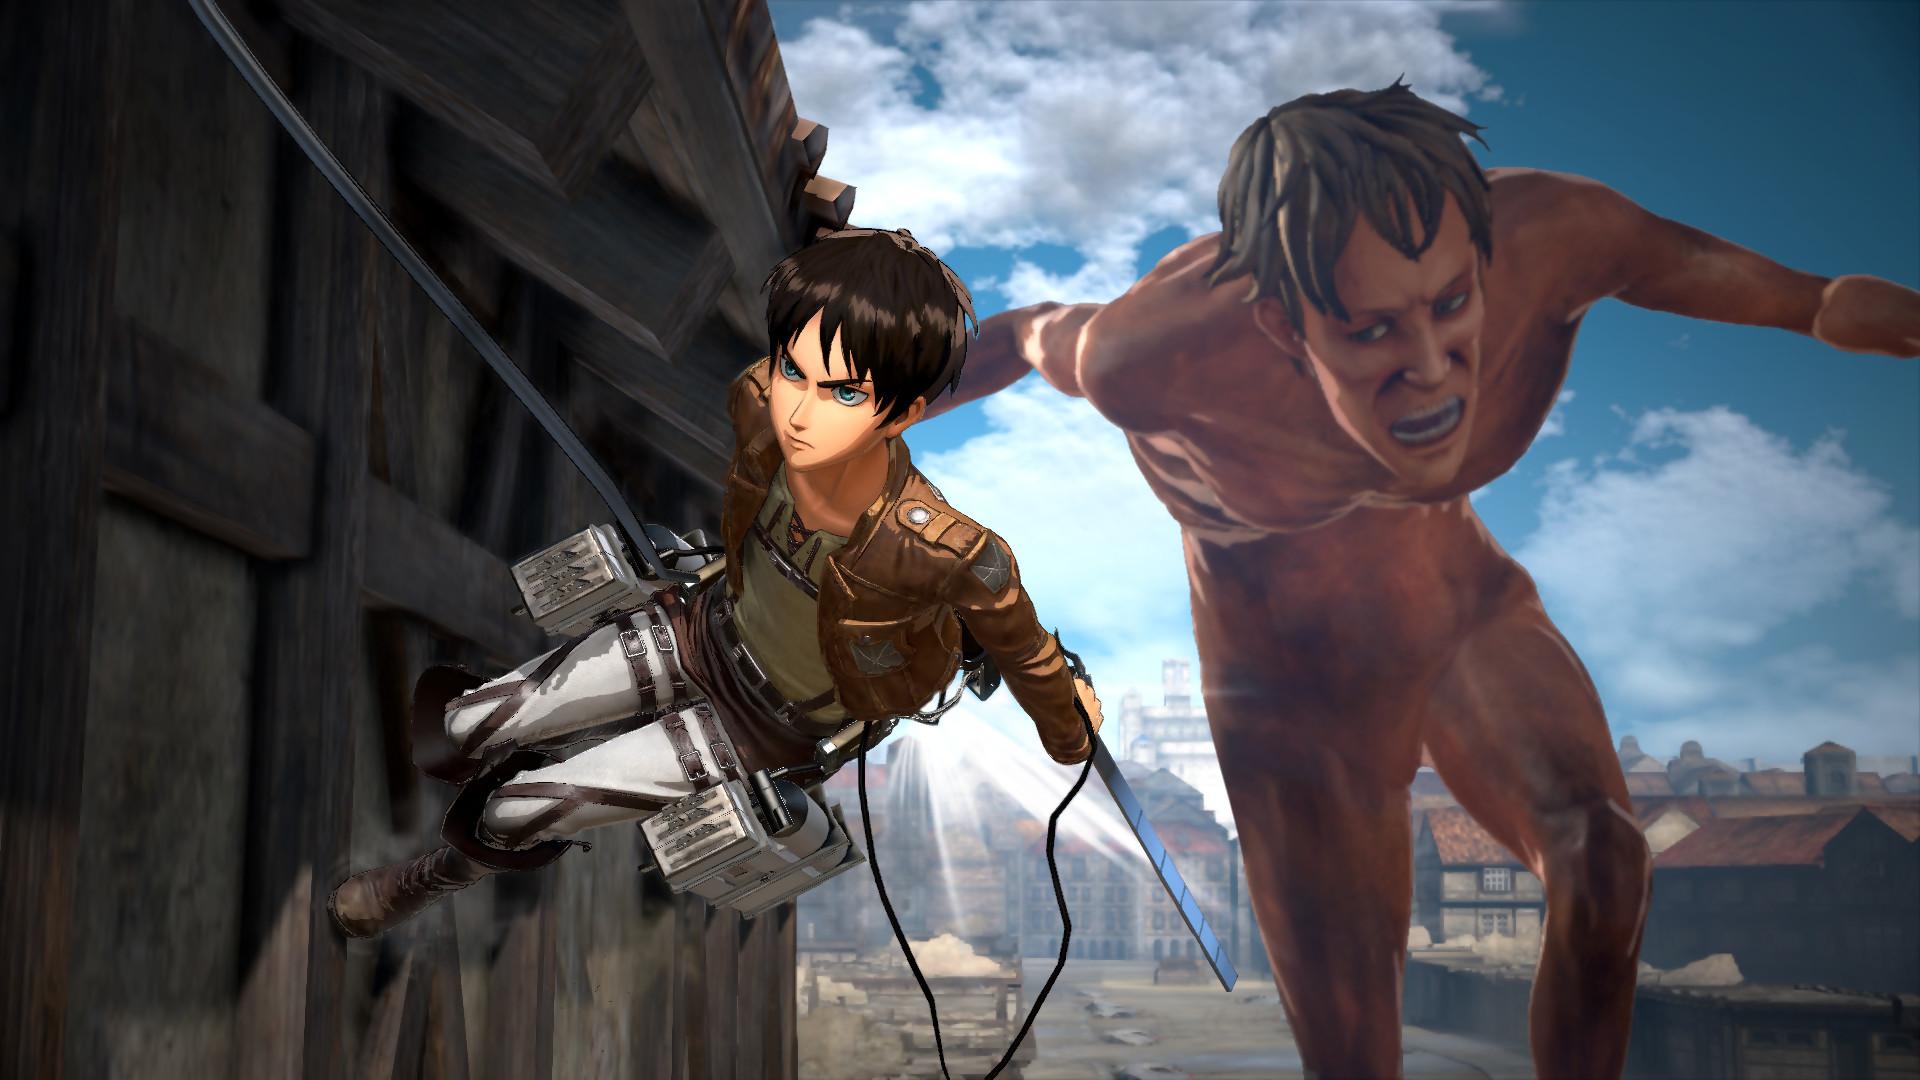 L'Attaque des Titans 2 : des images et une date de sortie